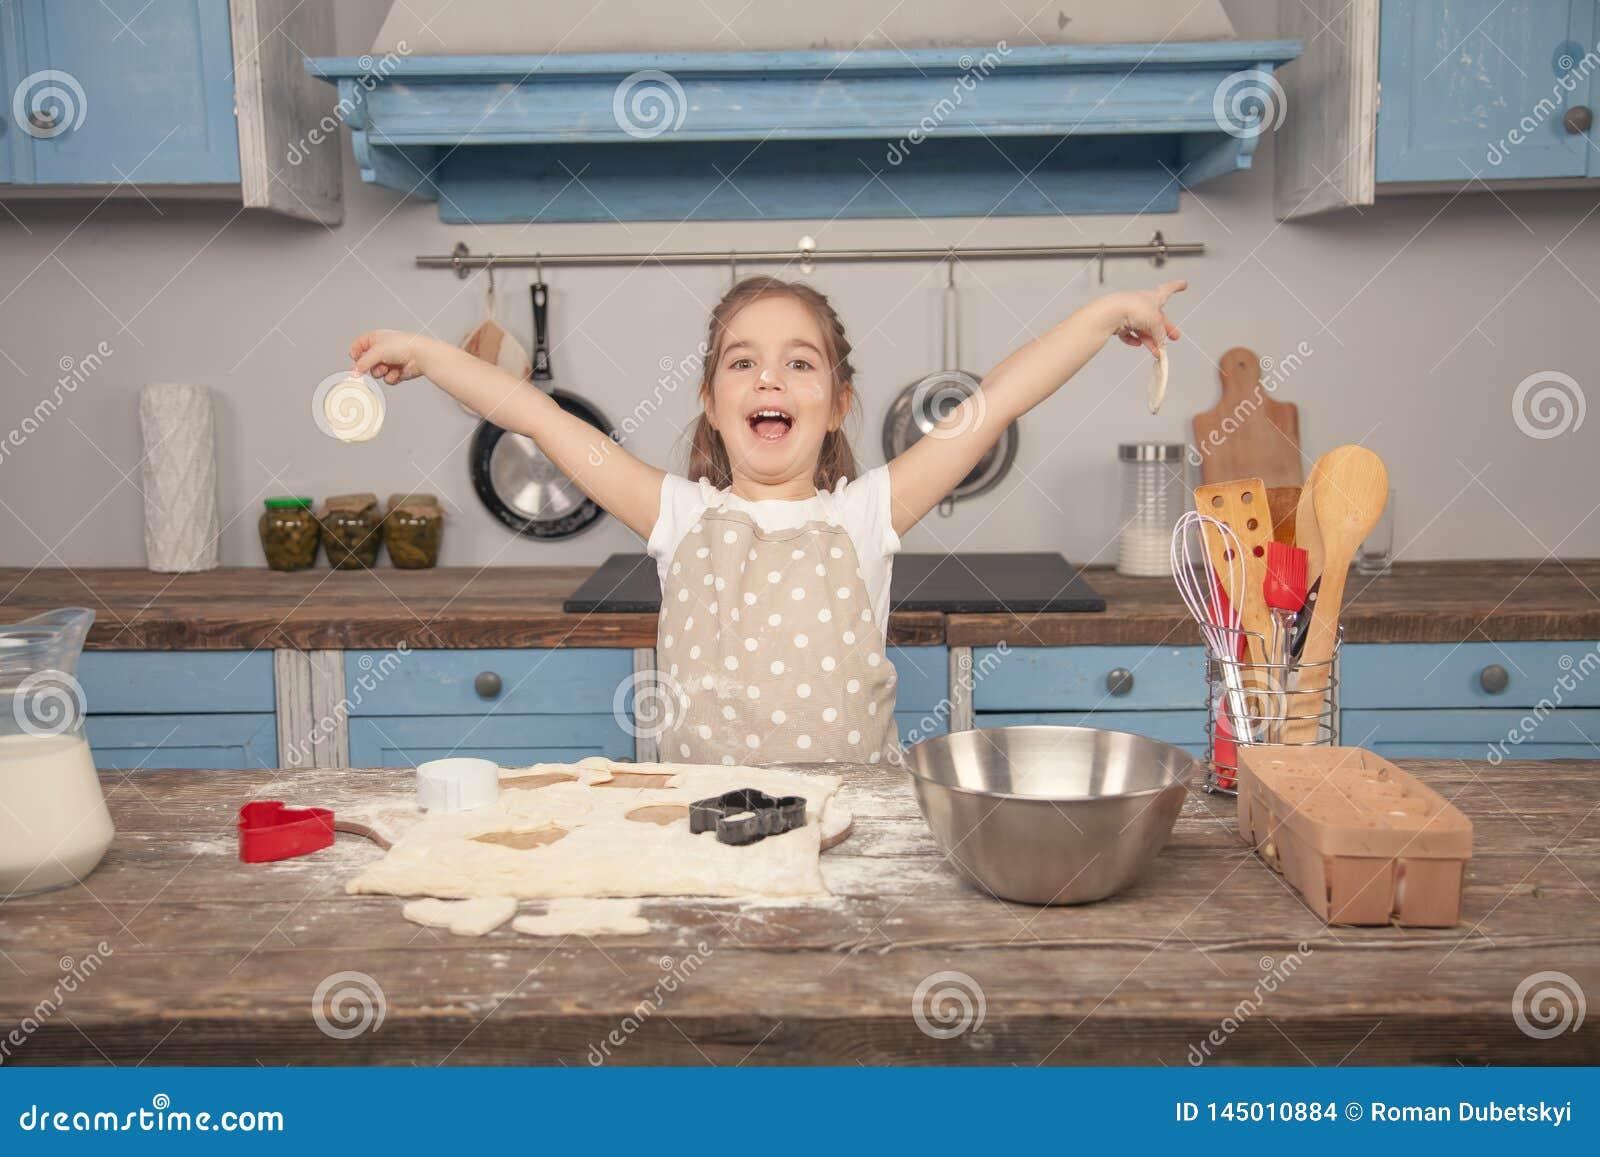 Счастливая маленькая девочка в кухне делает различные формы из печени